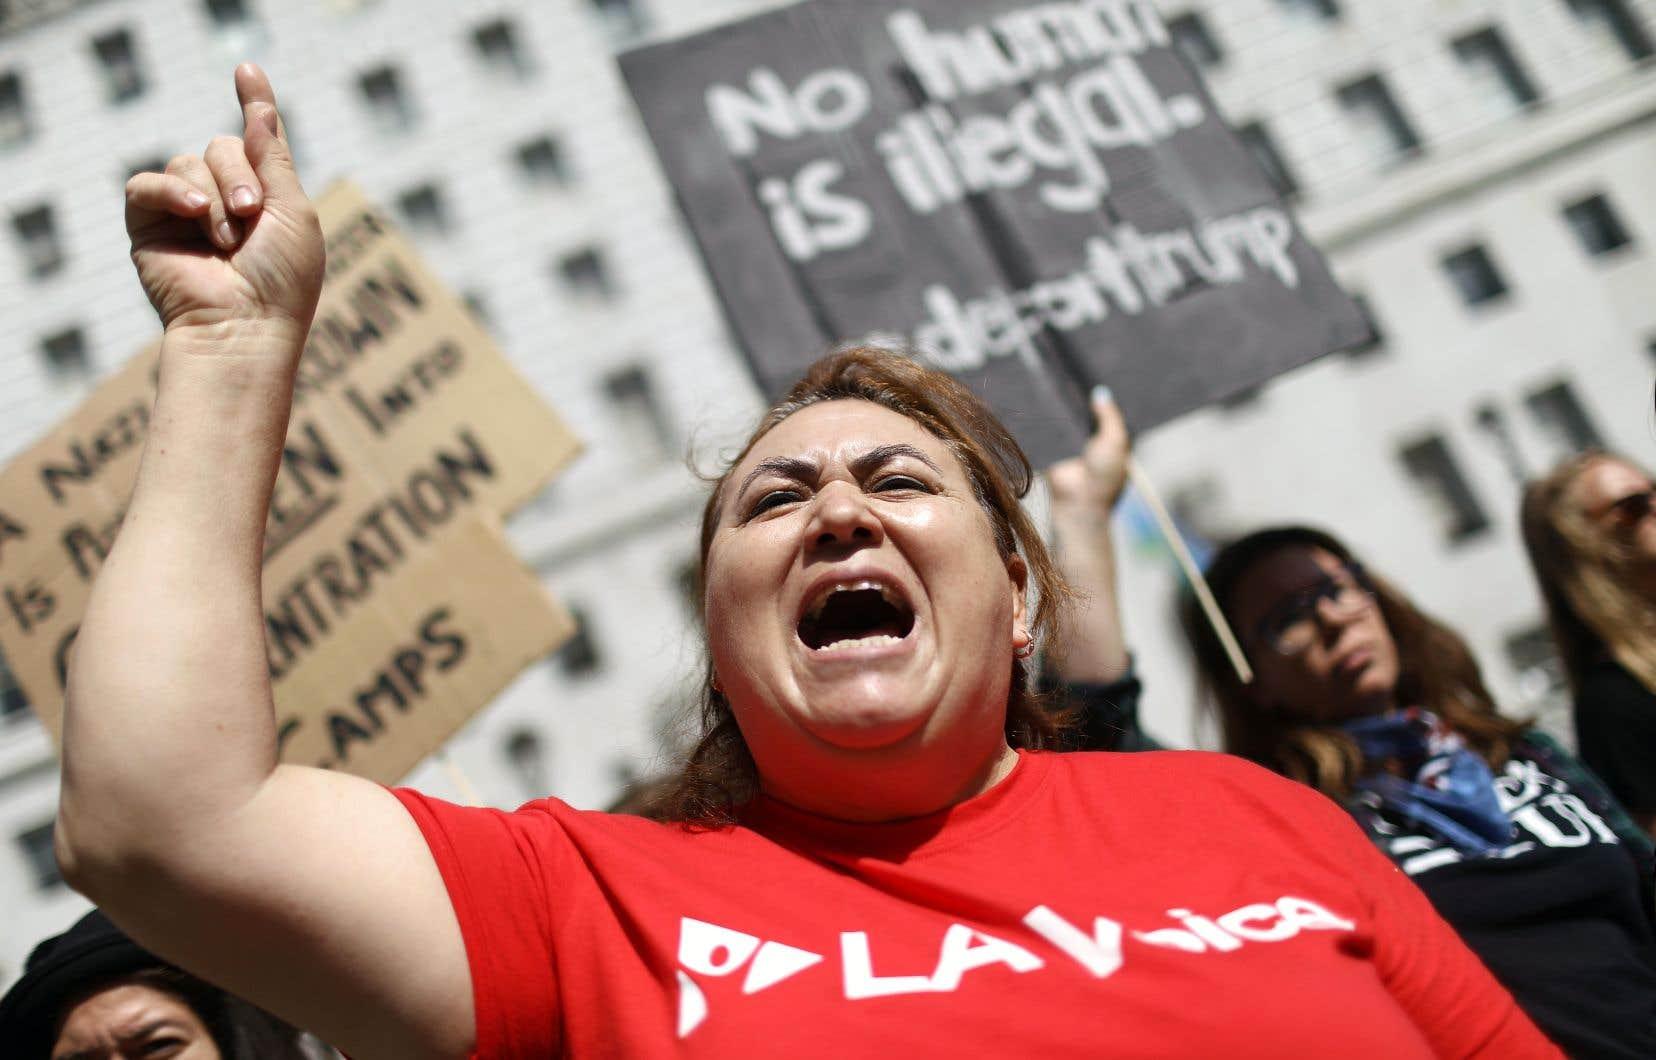 À Los Angeles, quelque 200 personnes, membres d'églises ou d'organisations catholiques et d'associations de défense des immigrés, ont manifesté mardi contre la venue du ministre de la Justice, Jeff Sessions. La Californie est fustigée par les conservateurs parce qu'elle gêne les arrestations de clandestins.